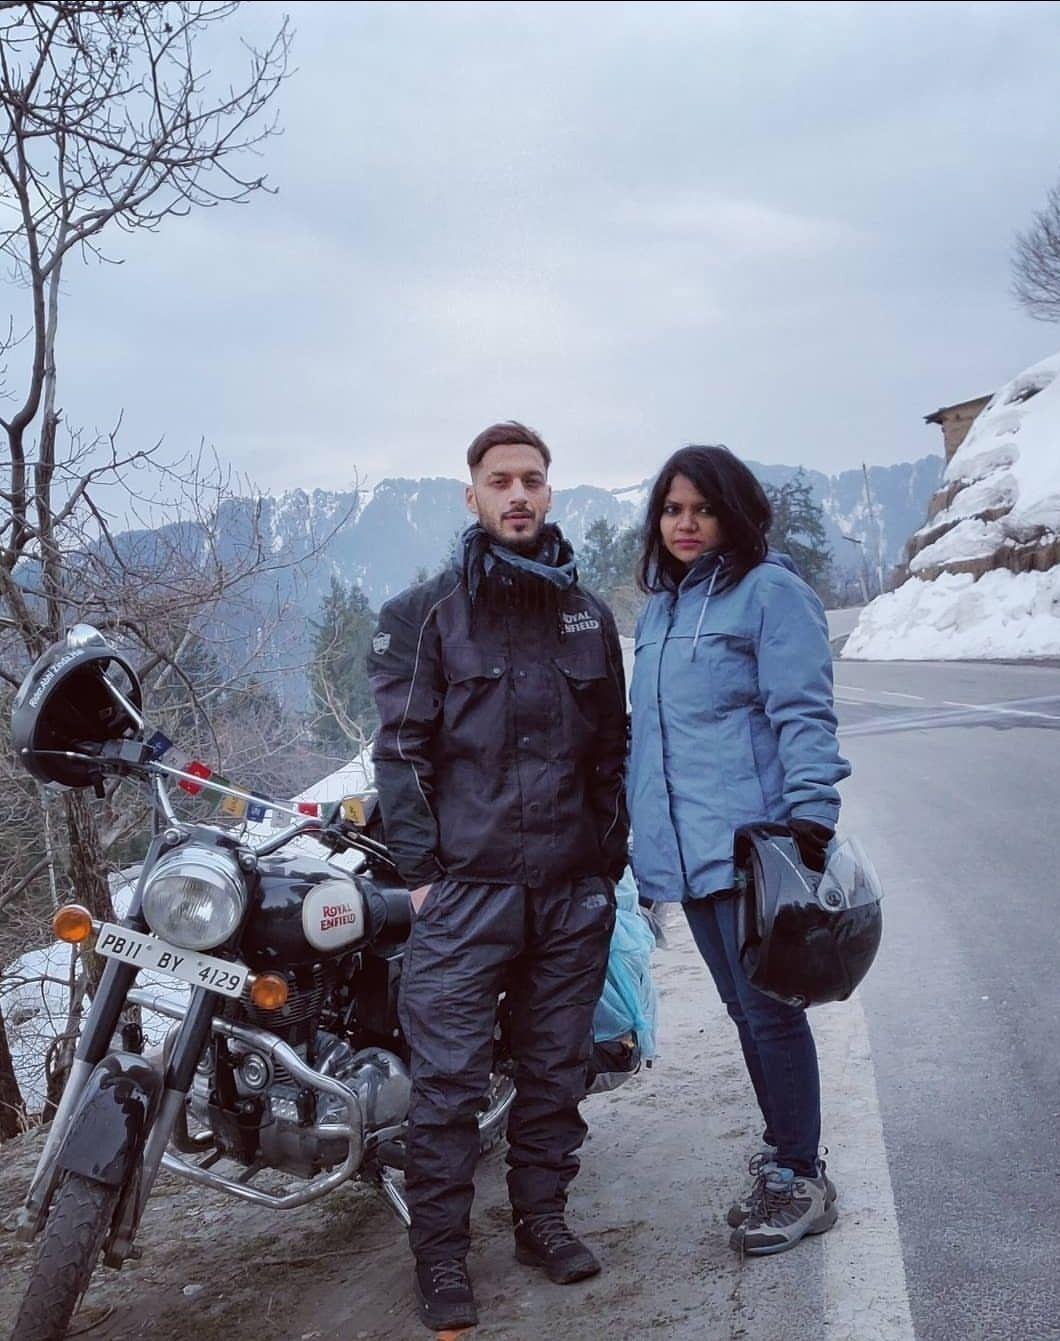 Photo of Spiti Valley By priyanka mhapsekar